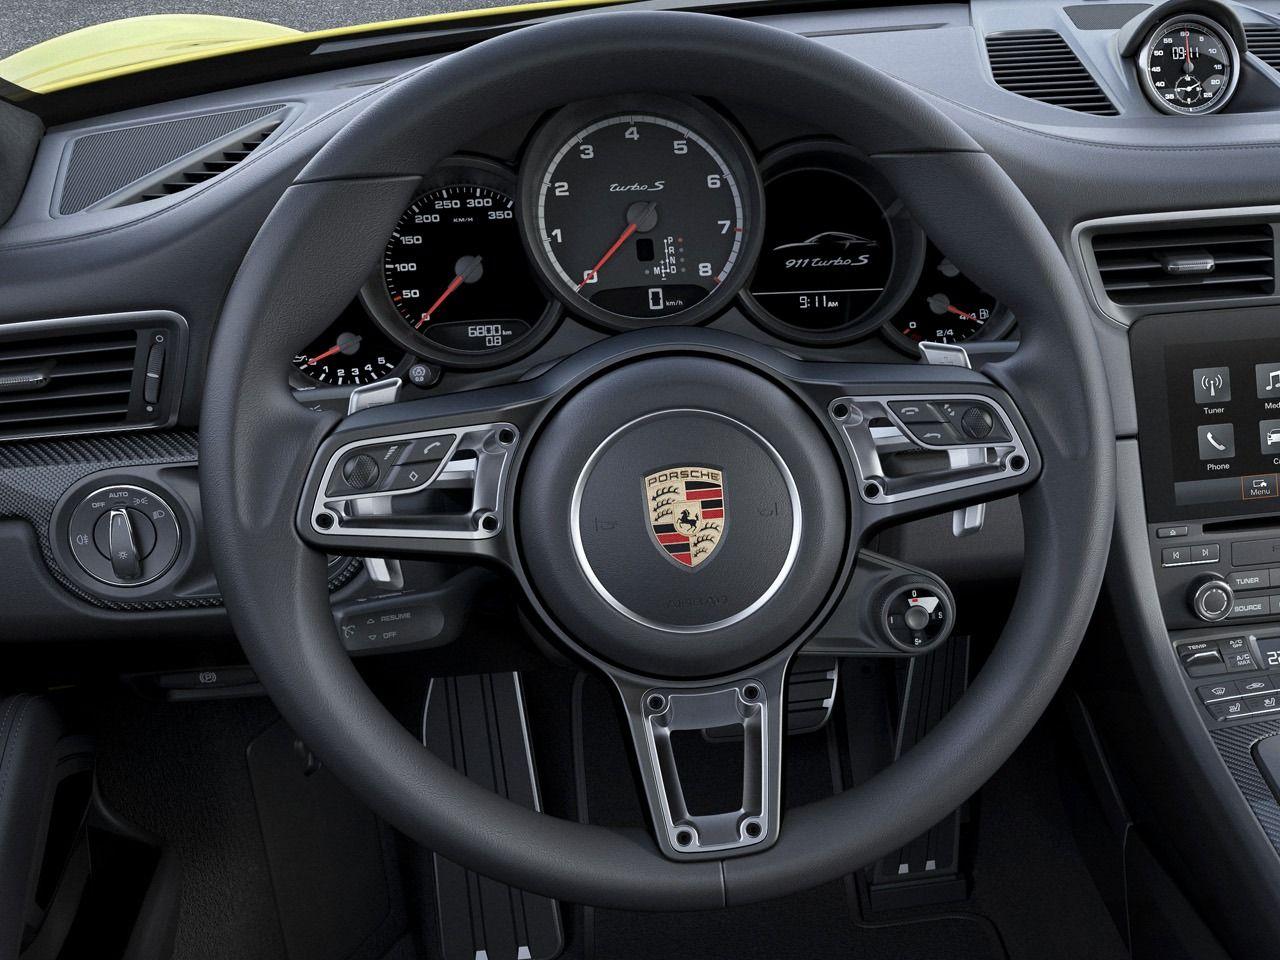 porsche-911-991-turbo-s-coupe-cabriolet-mk2-2016-prezzo-price_0-100_27